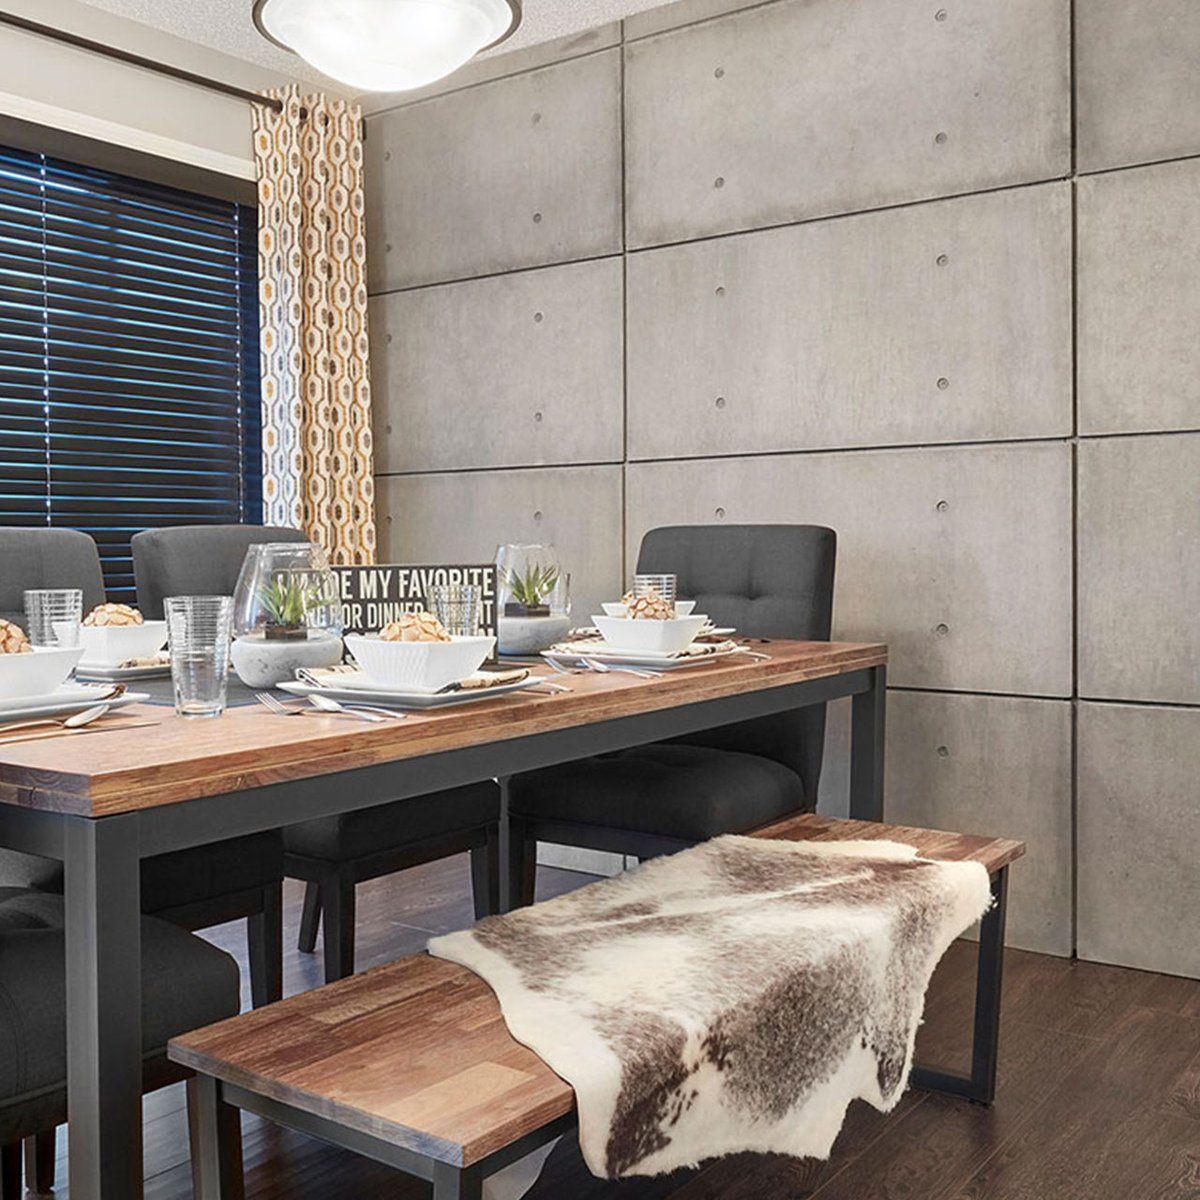 Diy Concrete Wall Panels Faux Stone Panels Faux Concrete Wall